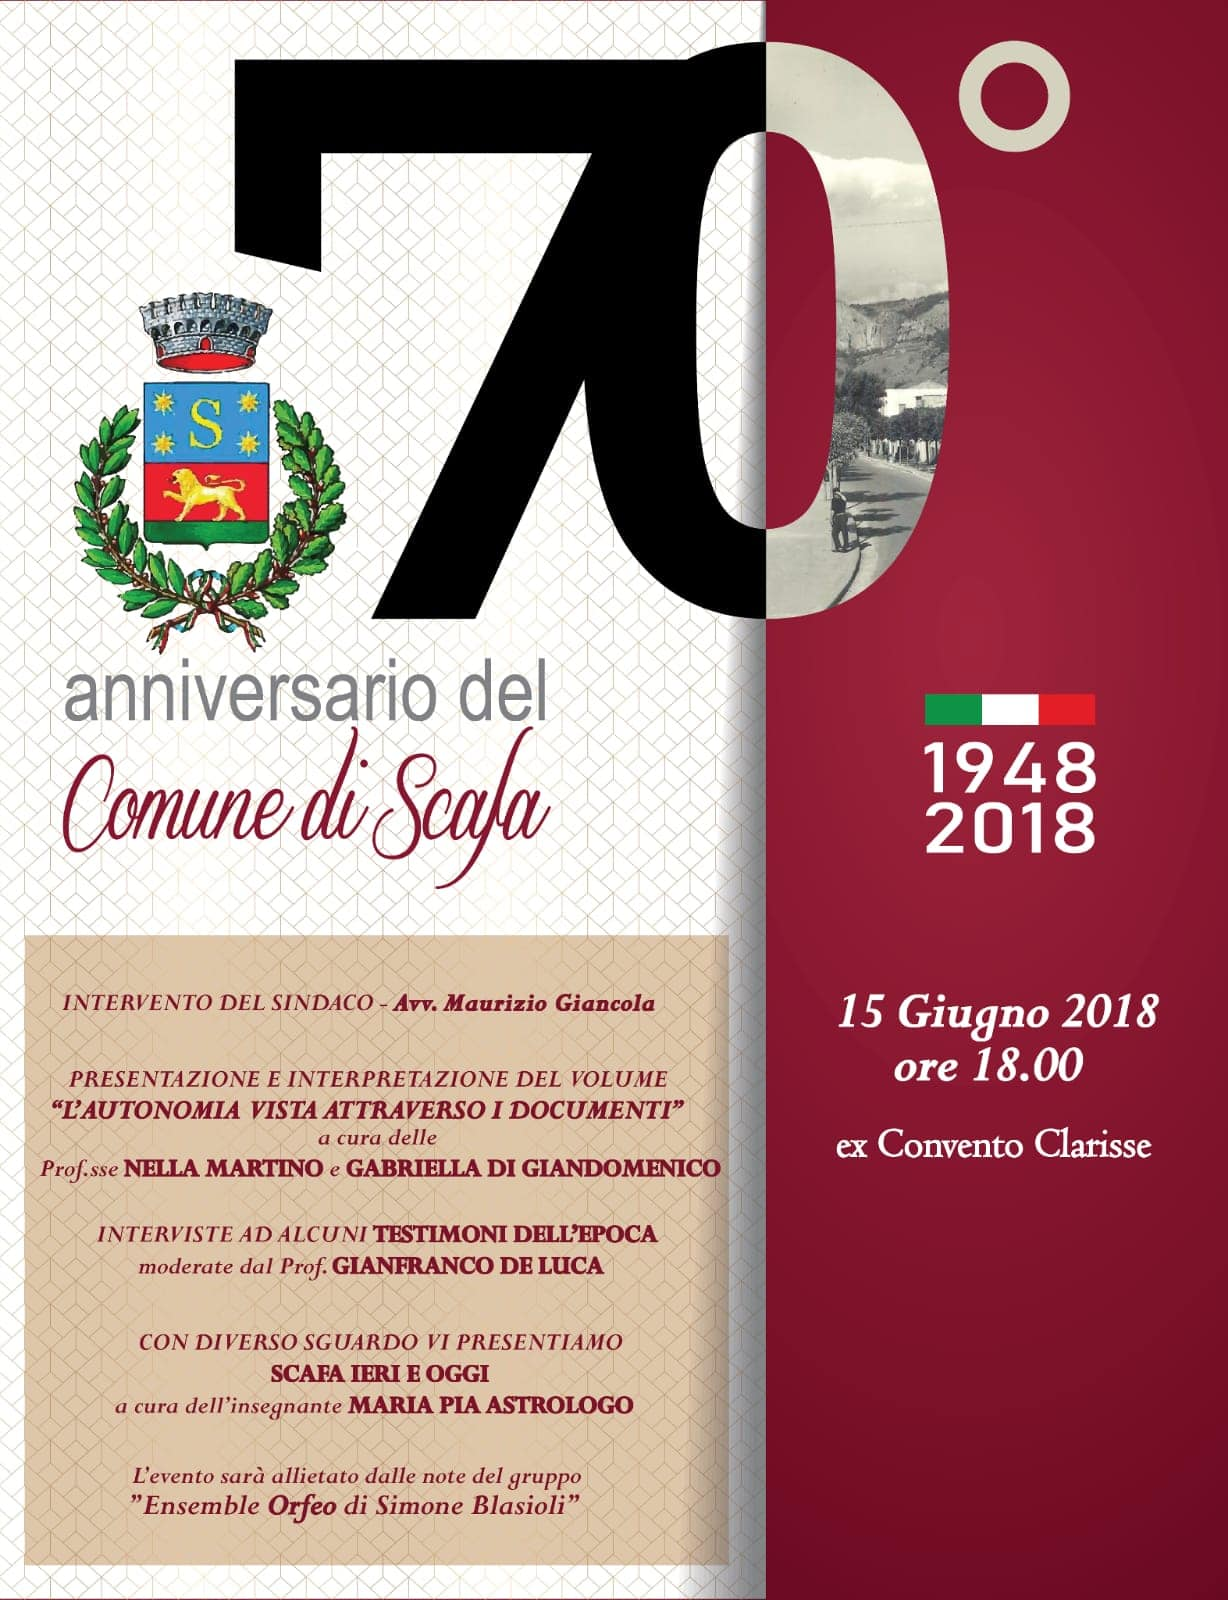 70° anniversario del Comune di Scafa